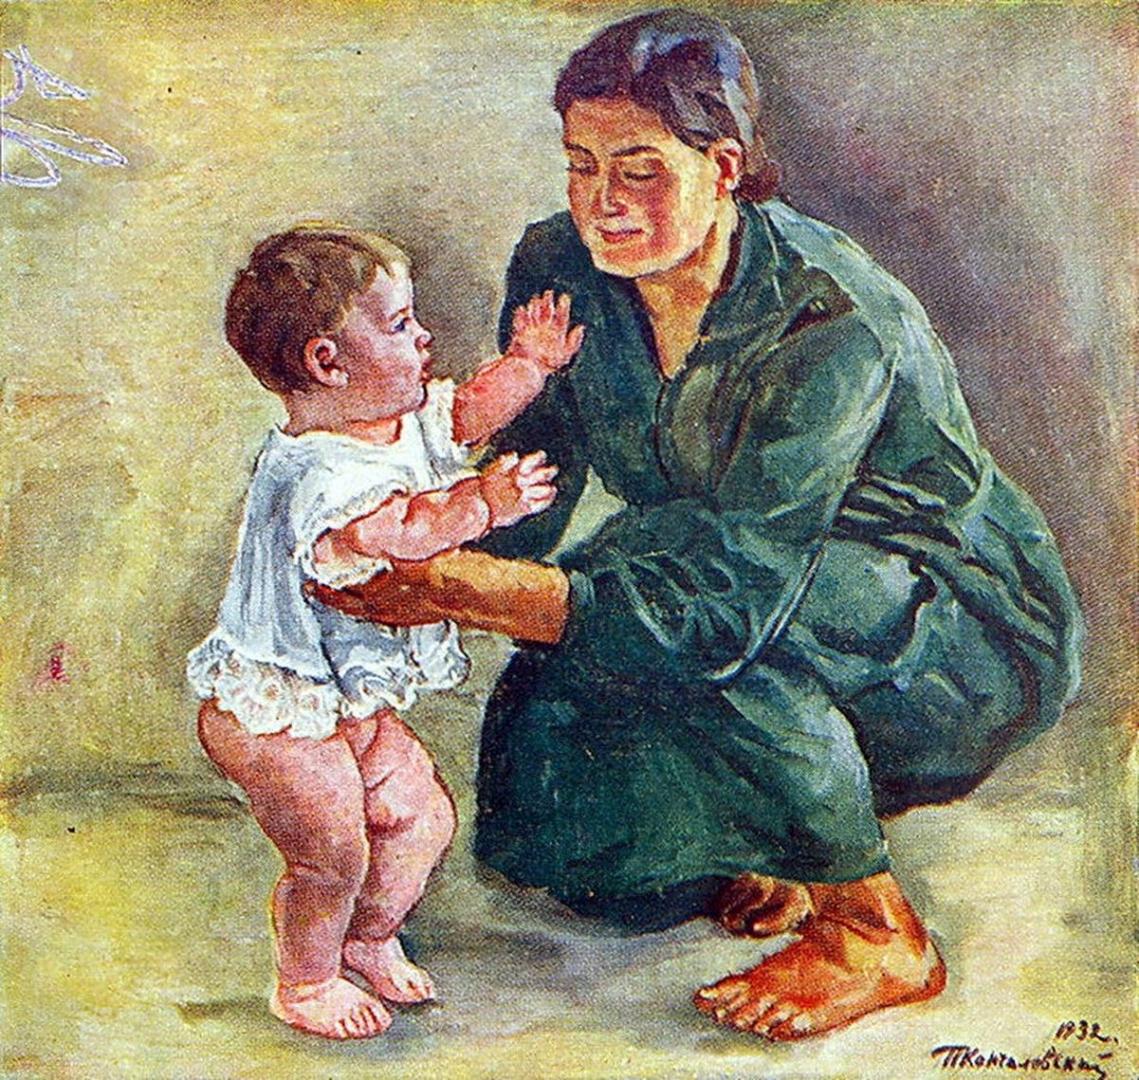 Петр Кончаловский. Первый шаг. 1932